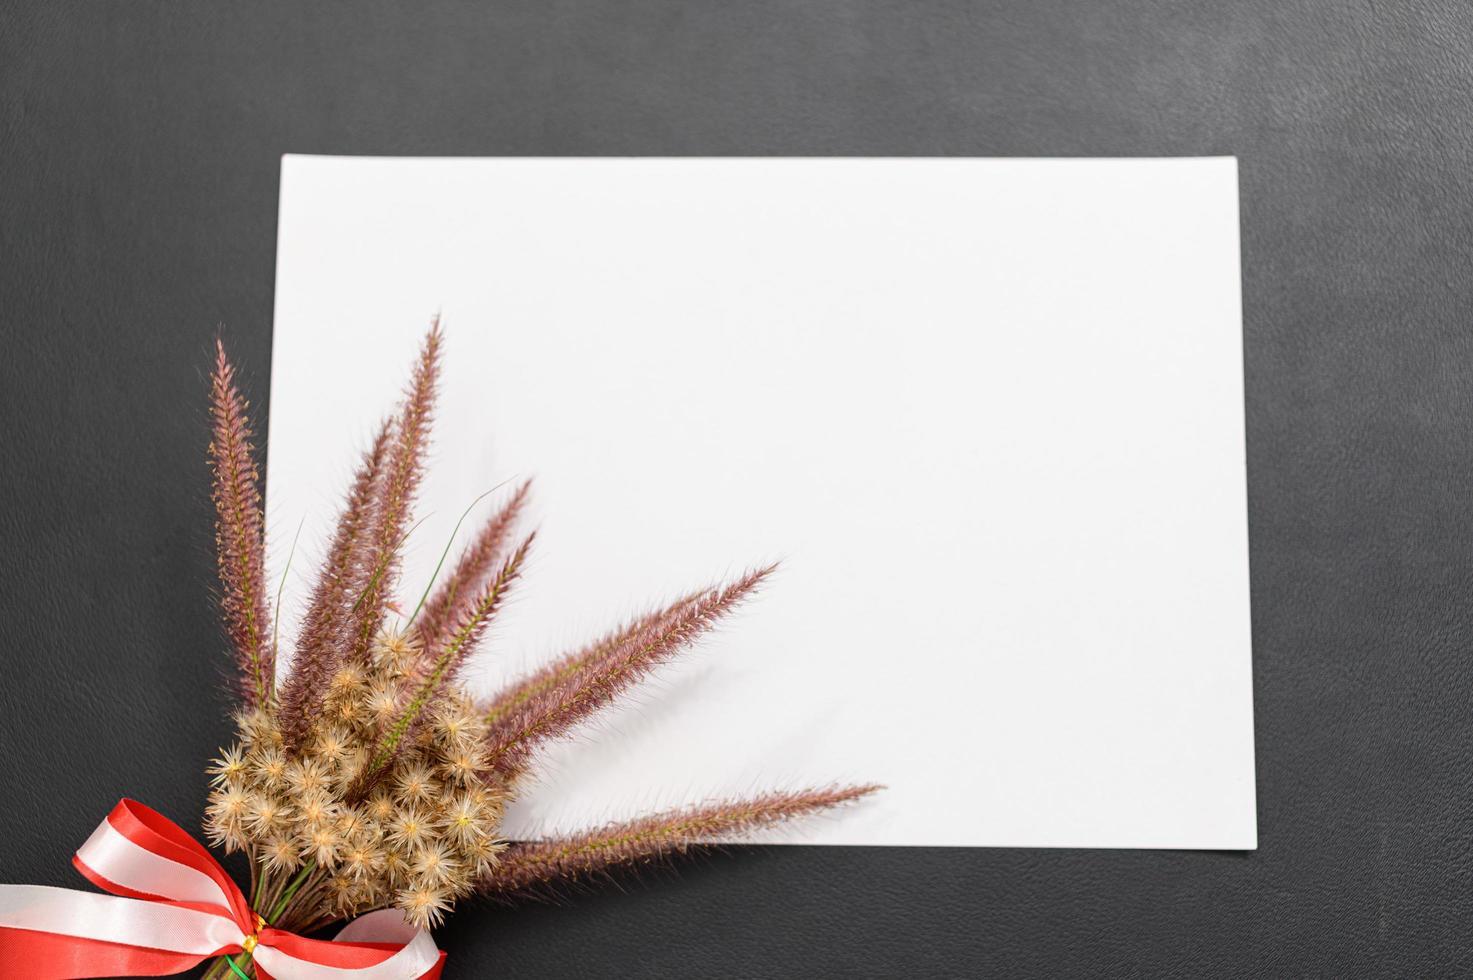 blanco papier en bloem op het bureau foto